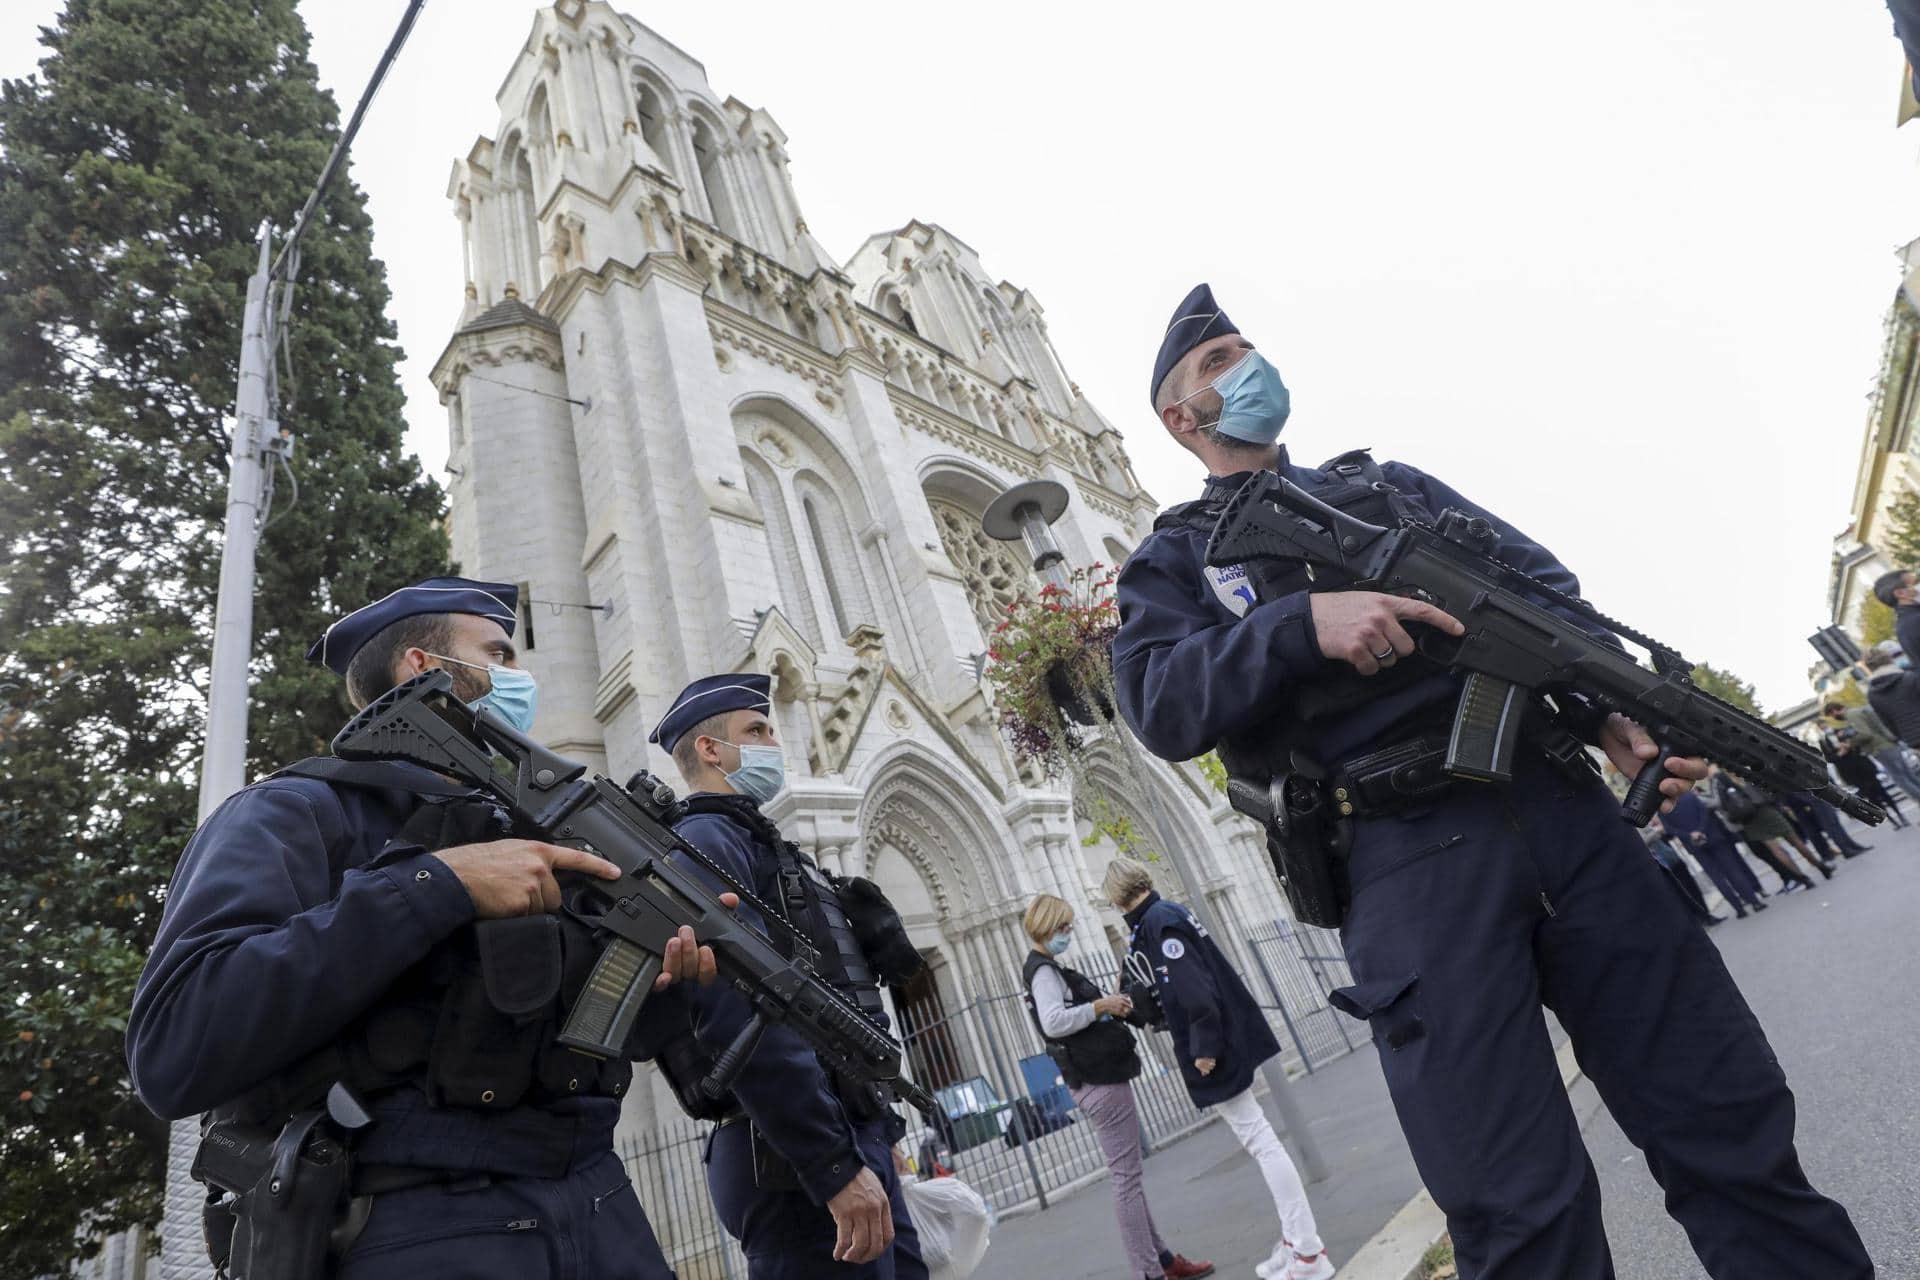 Nizza-Attacke: Festnahmen und Forderung nach EU-Antwort  Messerangriff mit drei Toten